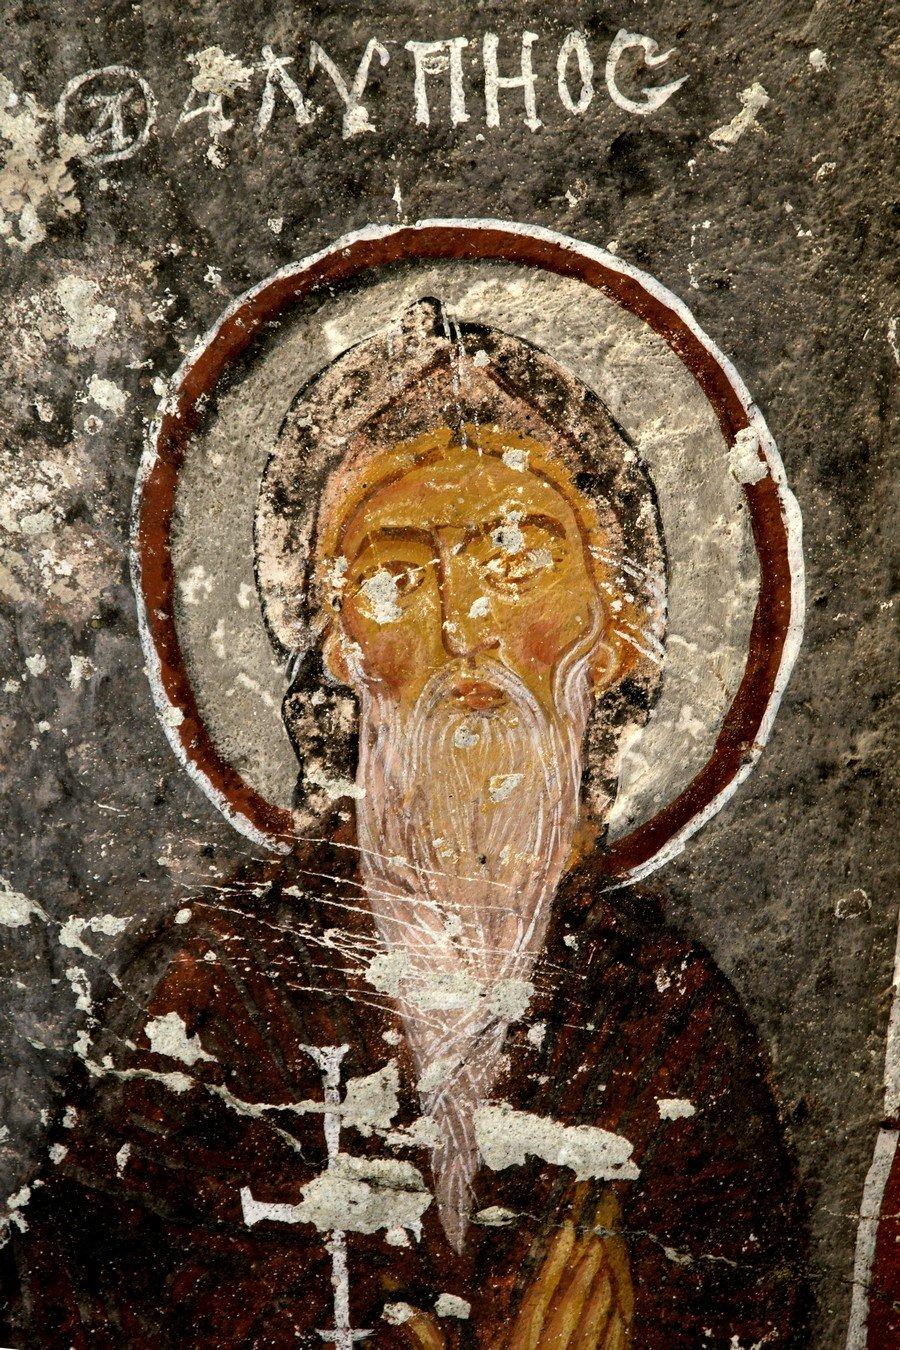 Святой Преподобный Алипий Столпник. Византийская фреска в церкви Сарнич килисе, Каппадокия.